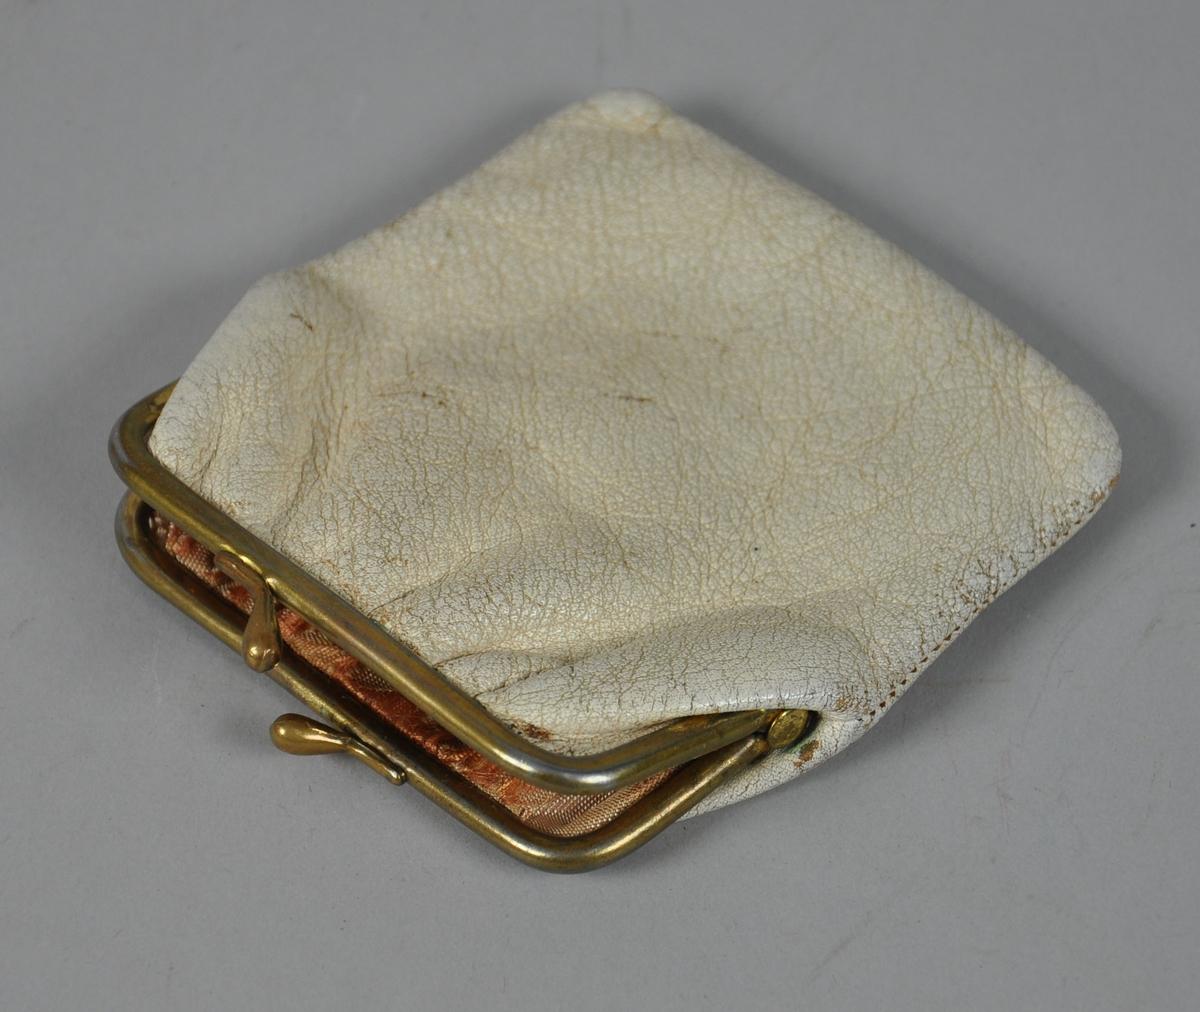 Hvit skinnpung med trykklås og beslag av metall. Pungen har silkefôr.